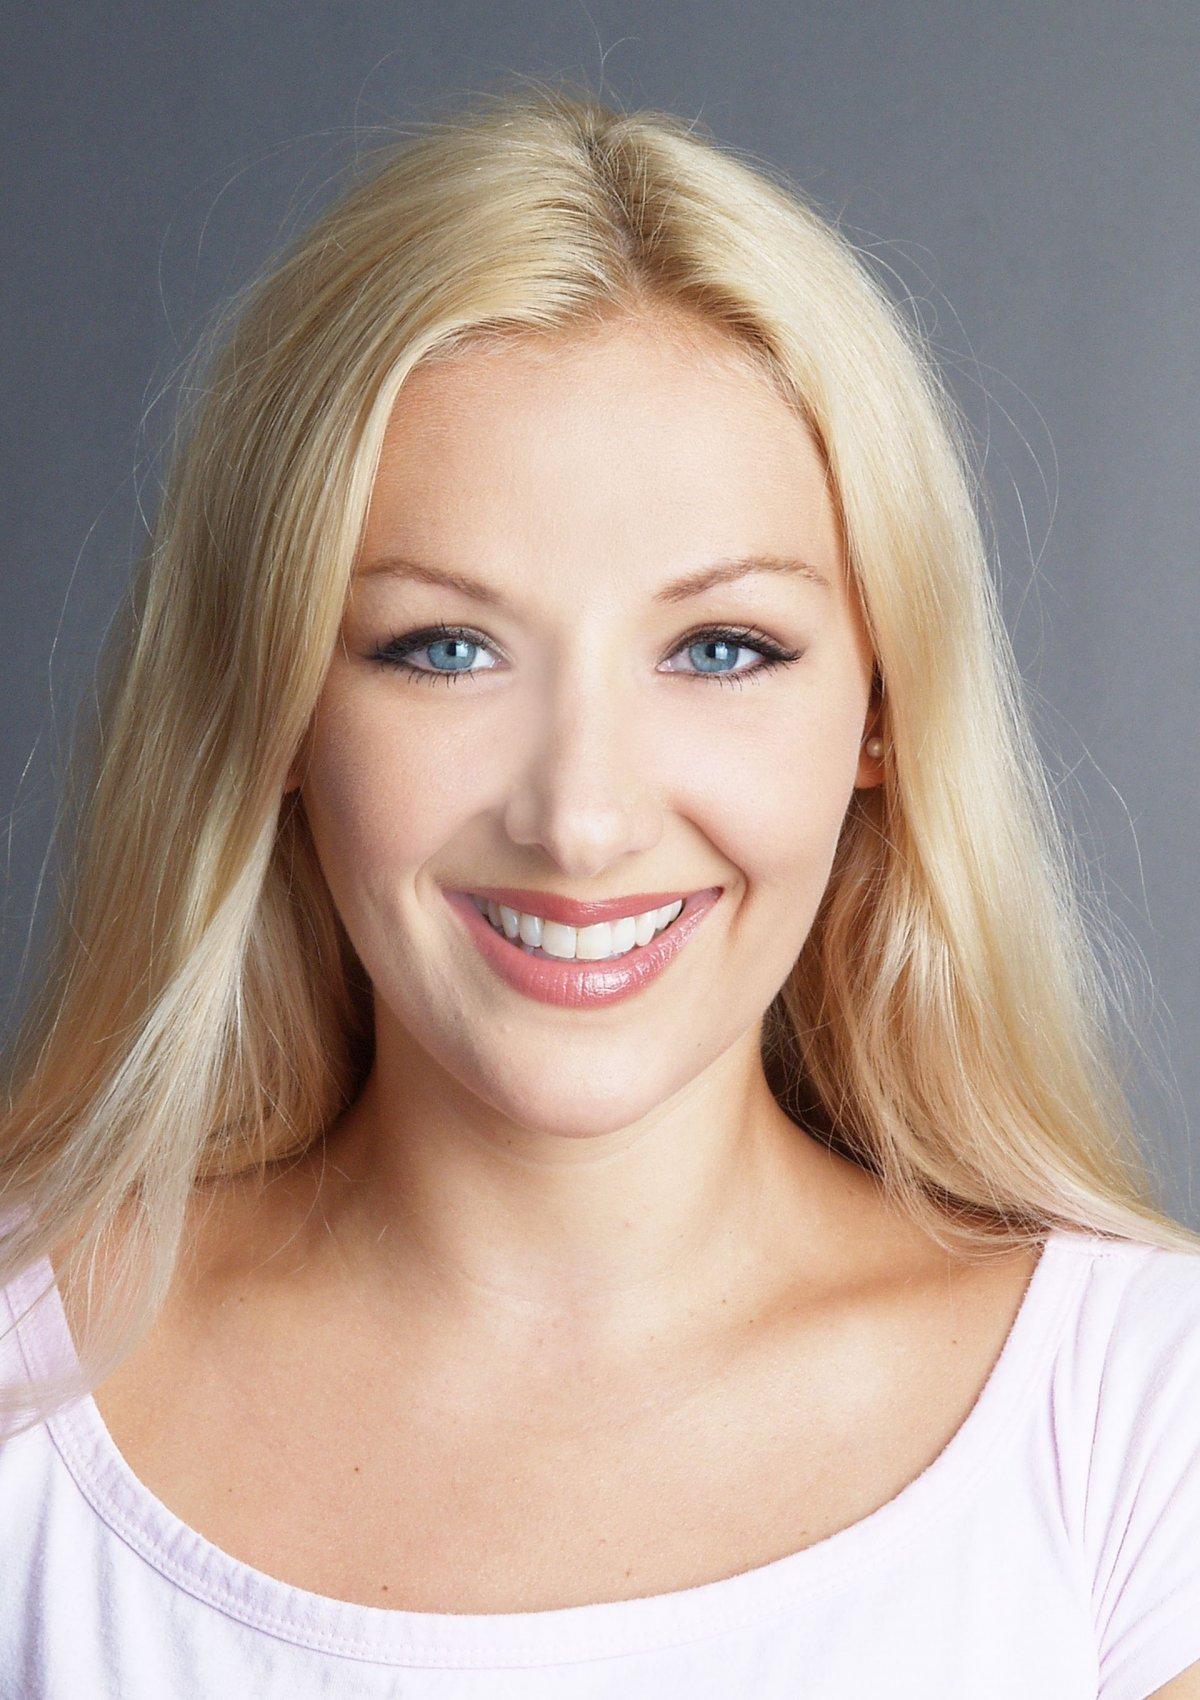 Auf dem Foto ist die hübsche Simone Konstanzer aus 79353 Bahlingen vor einem grauen Hintergrund zu sehen. Sie lacht in die Kamera und hat lange blonde Haare, blaue Augen und trägt ein weißes T-Shirt.